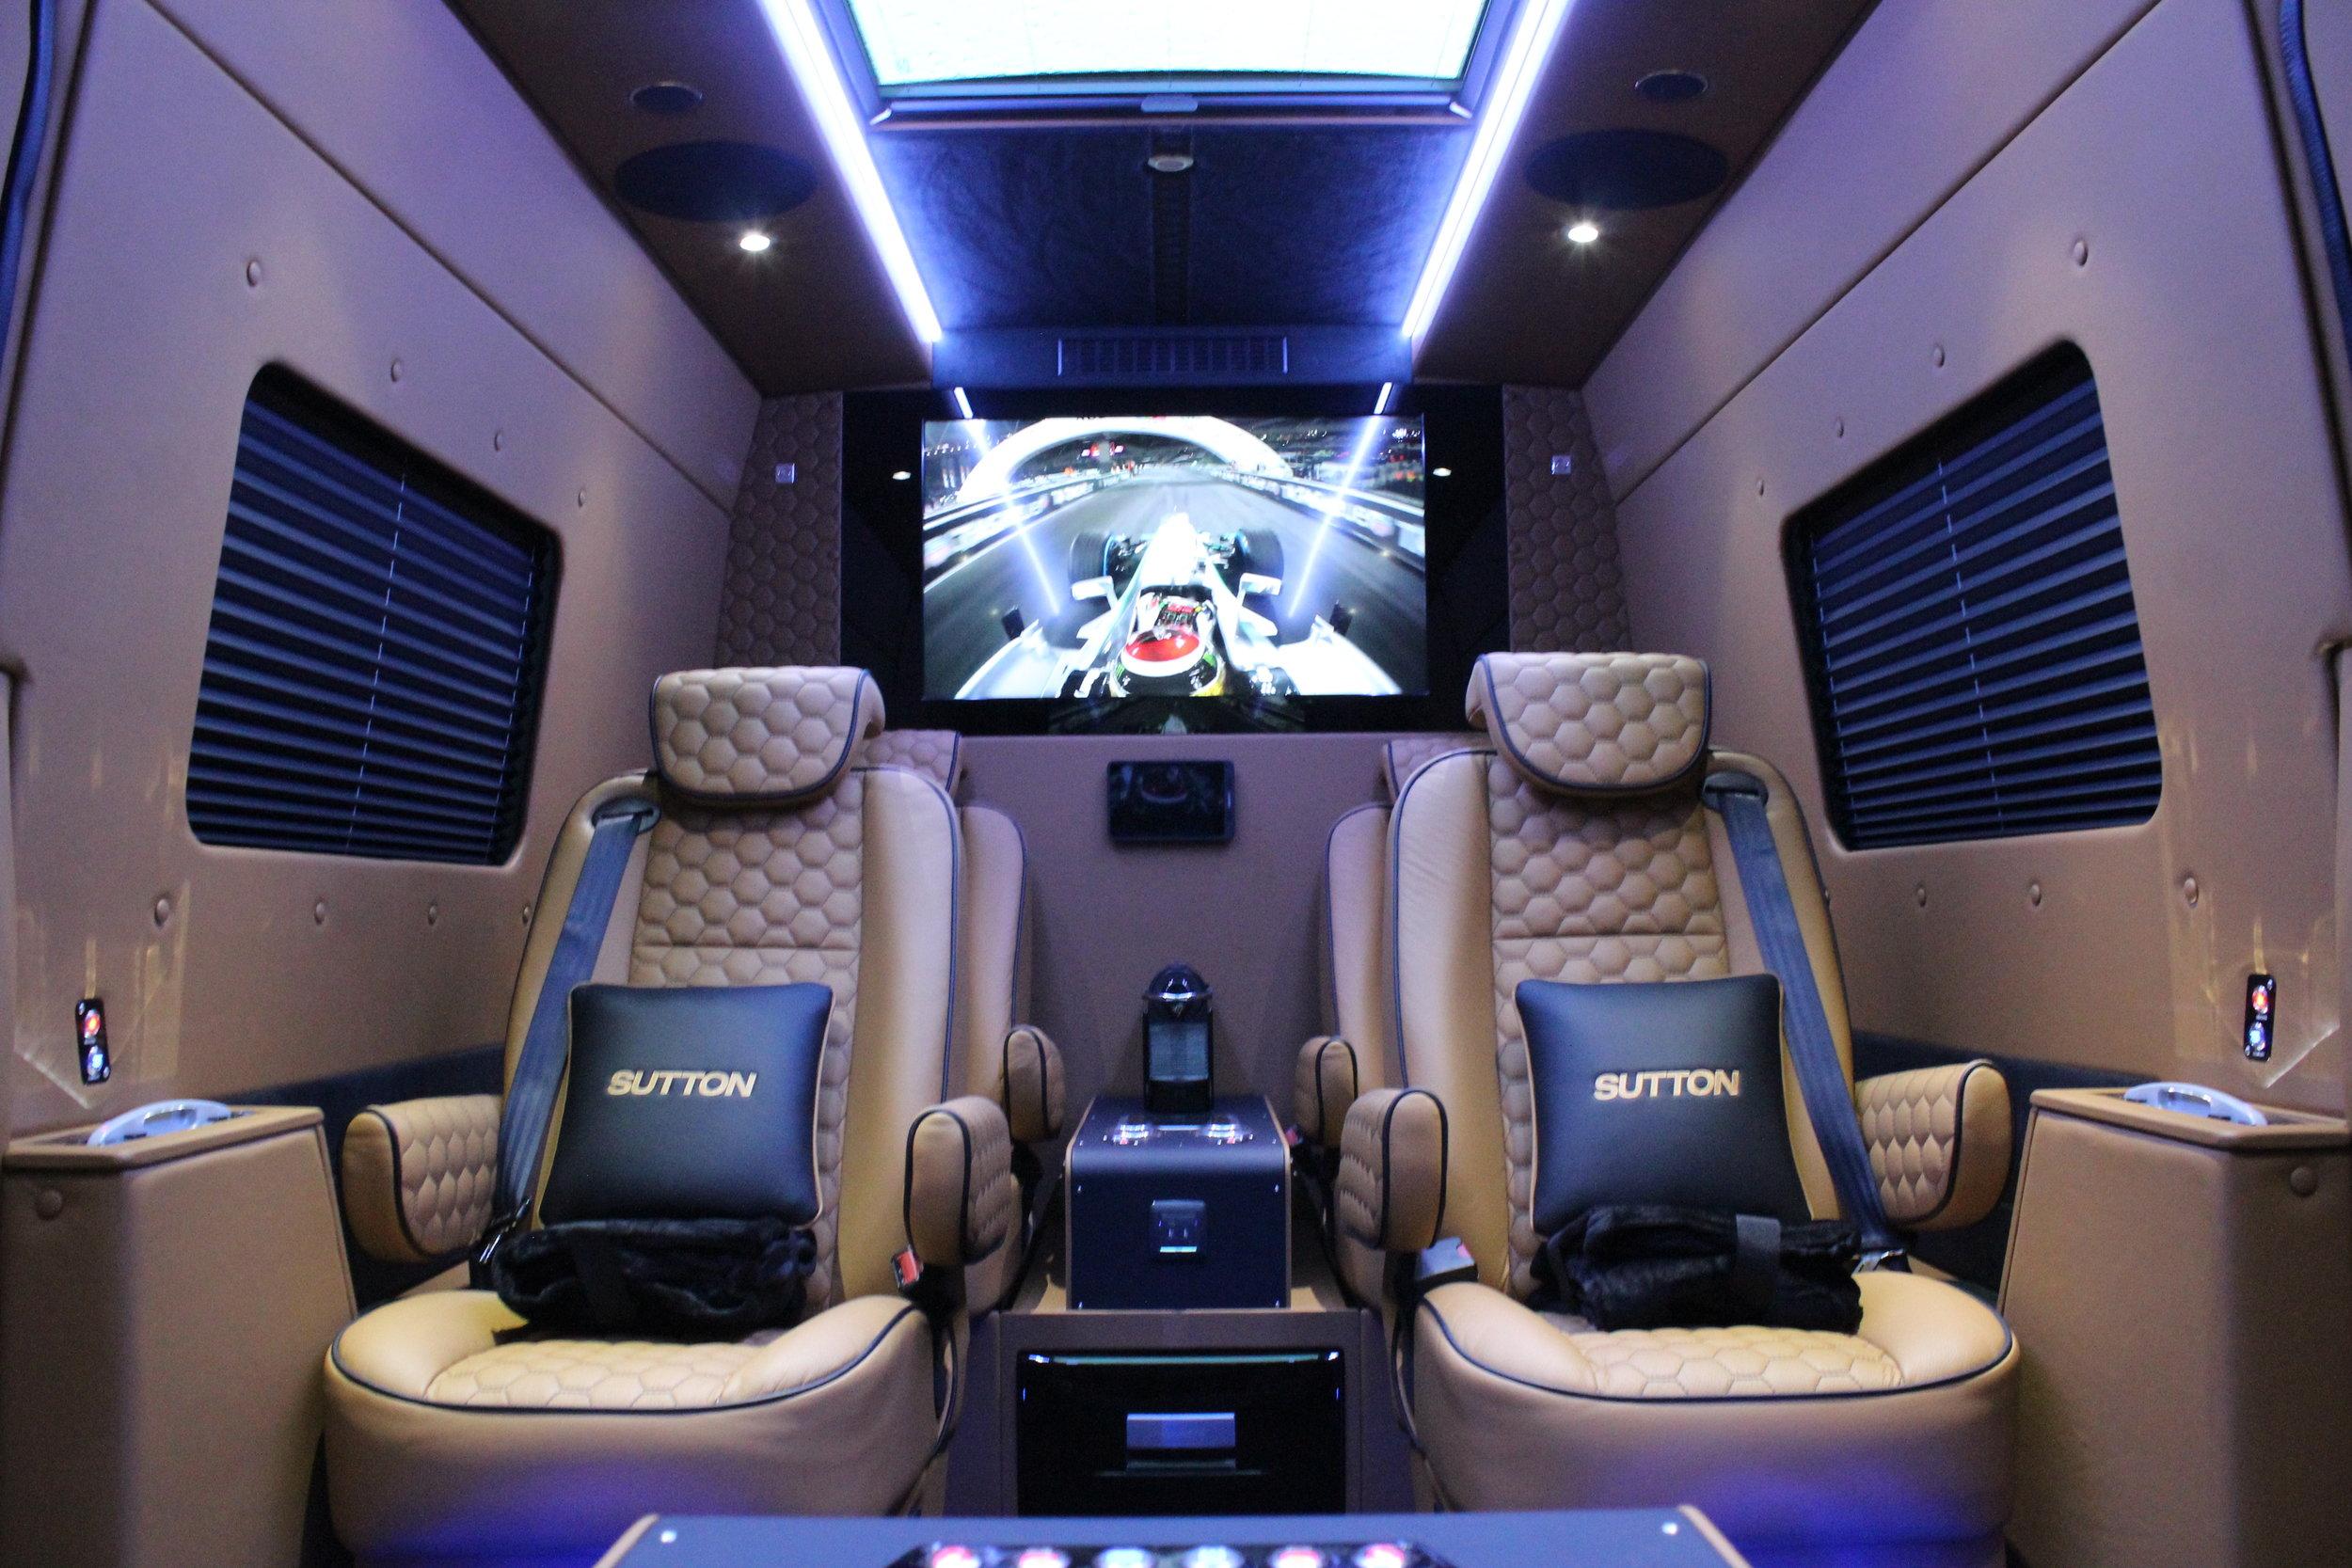 Inside the Sutton VIP Class Sprinter.